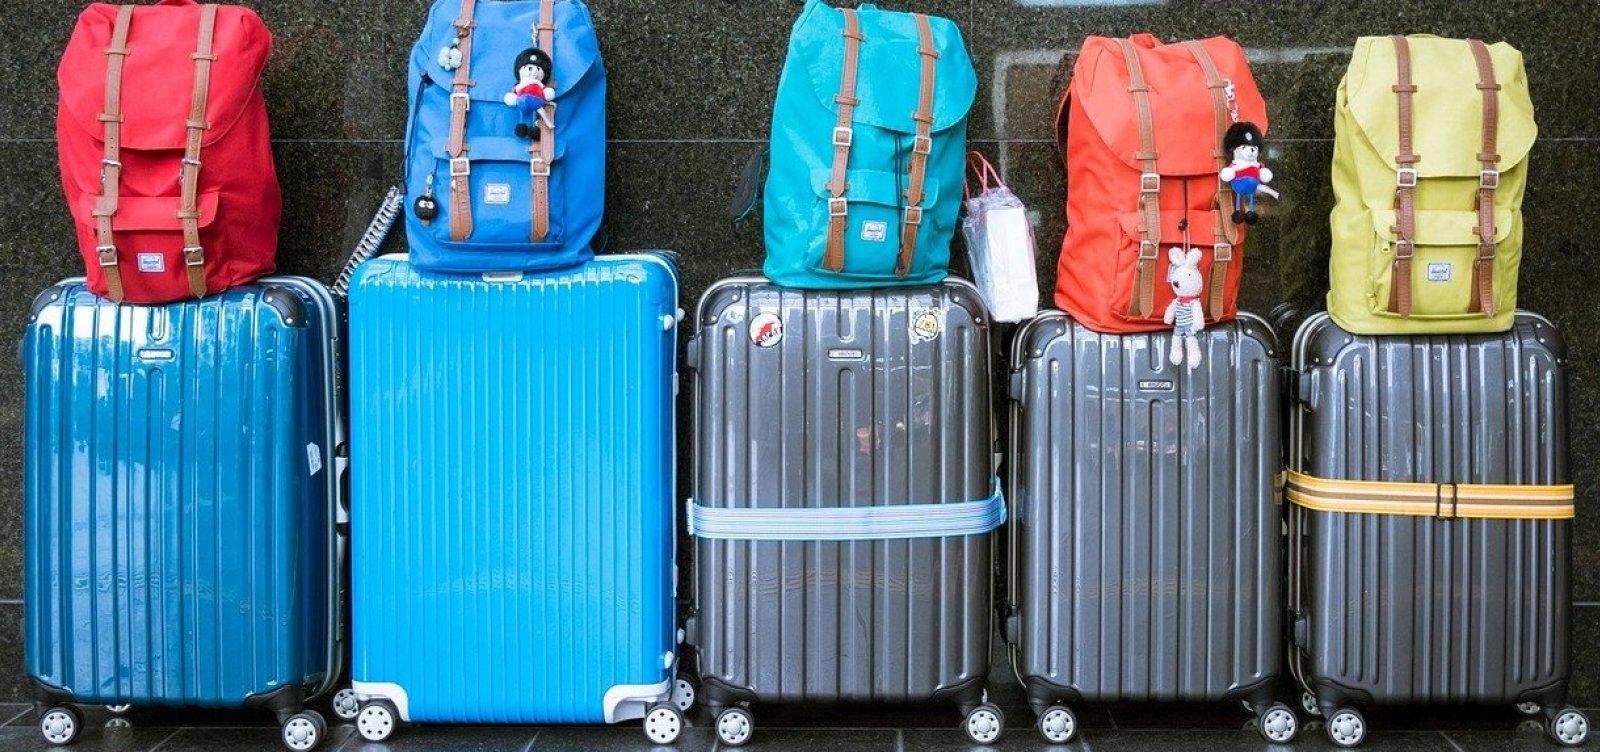 Comissão aprova determinação pela volta do despacho gratuito de bagagens